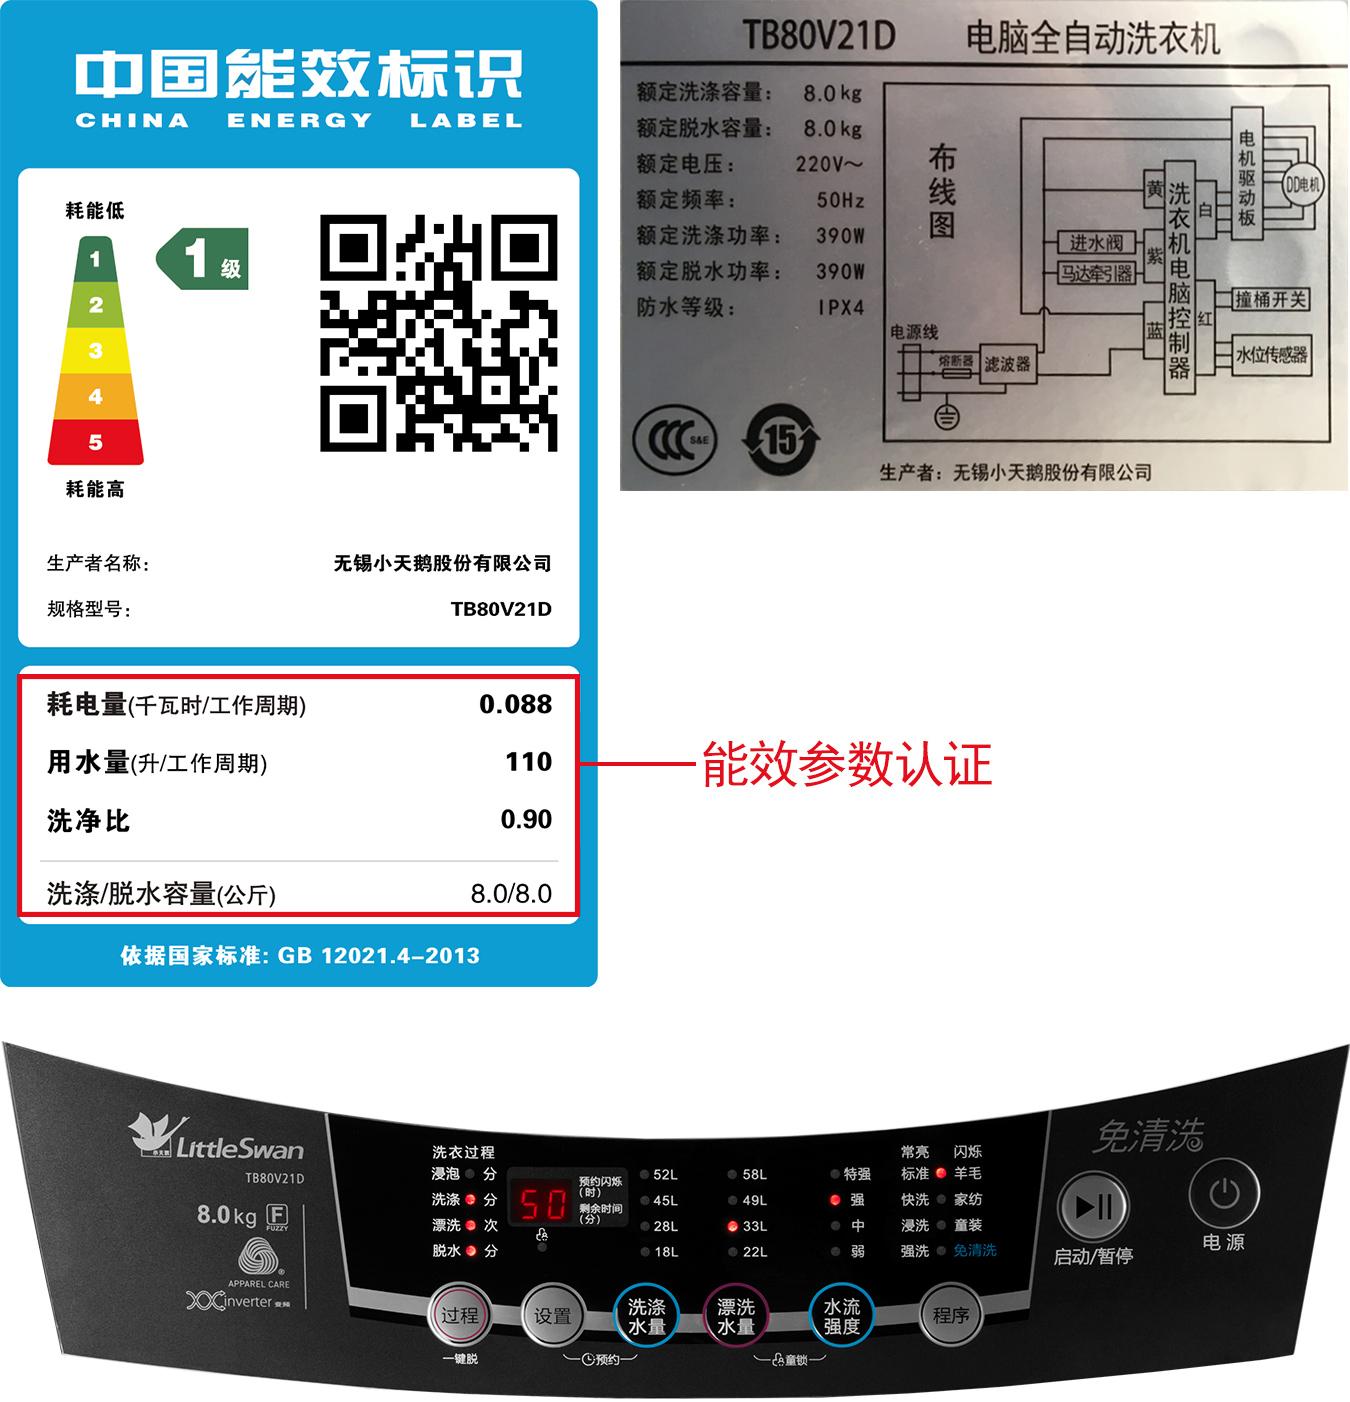 TB80V21D 变频宿舍家用全自动波轮洗衣机带甩干脱水 KG 公斤 8 小天鹅